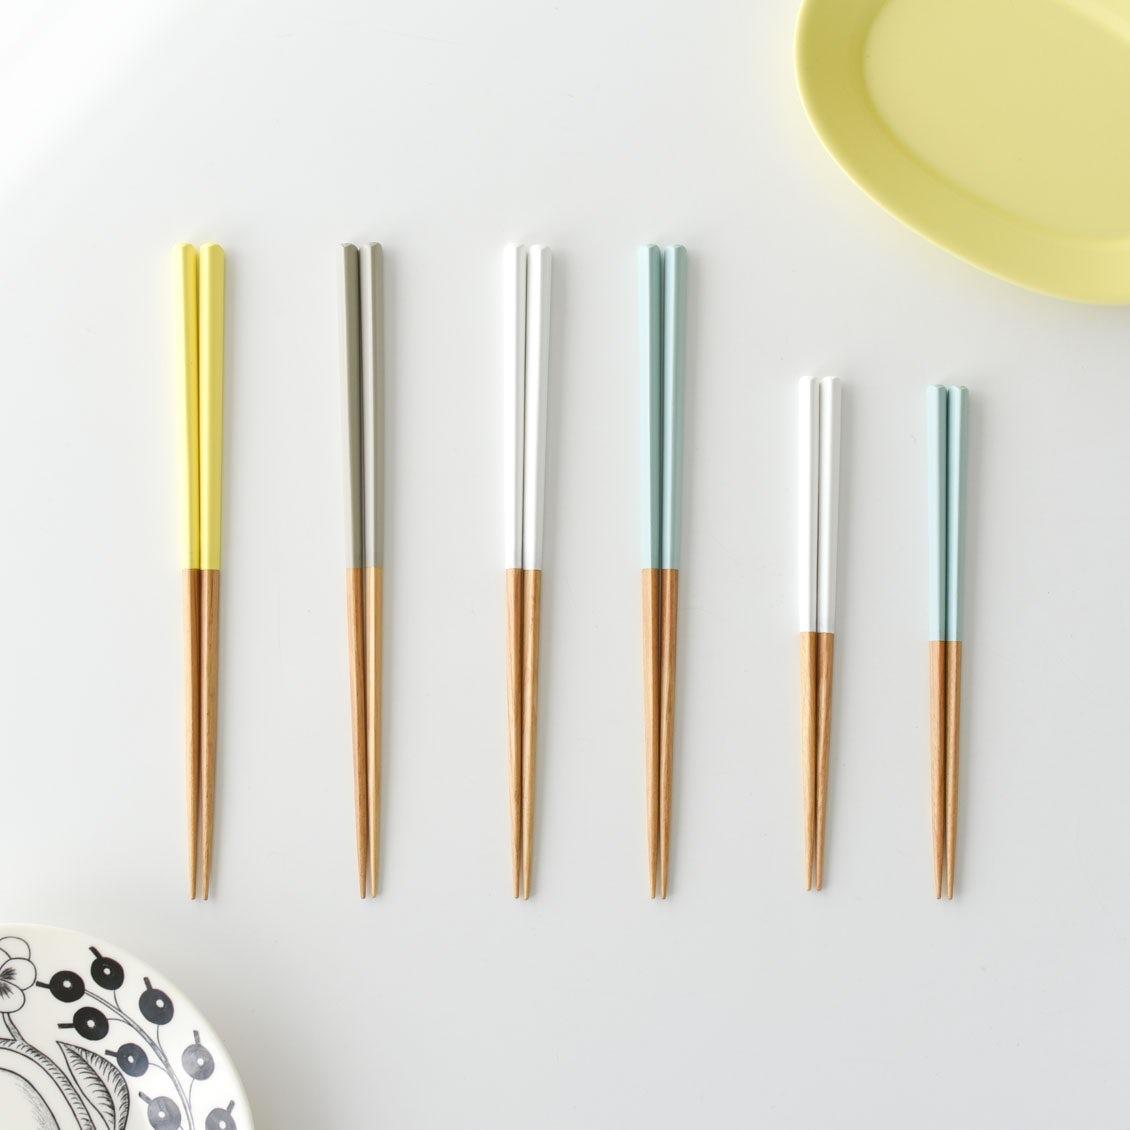 """【新商品】手になじむ""""三角形""""だから持ちやすい!私たちが毎日使いたいお箸をつくりました。"""